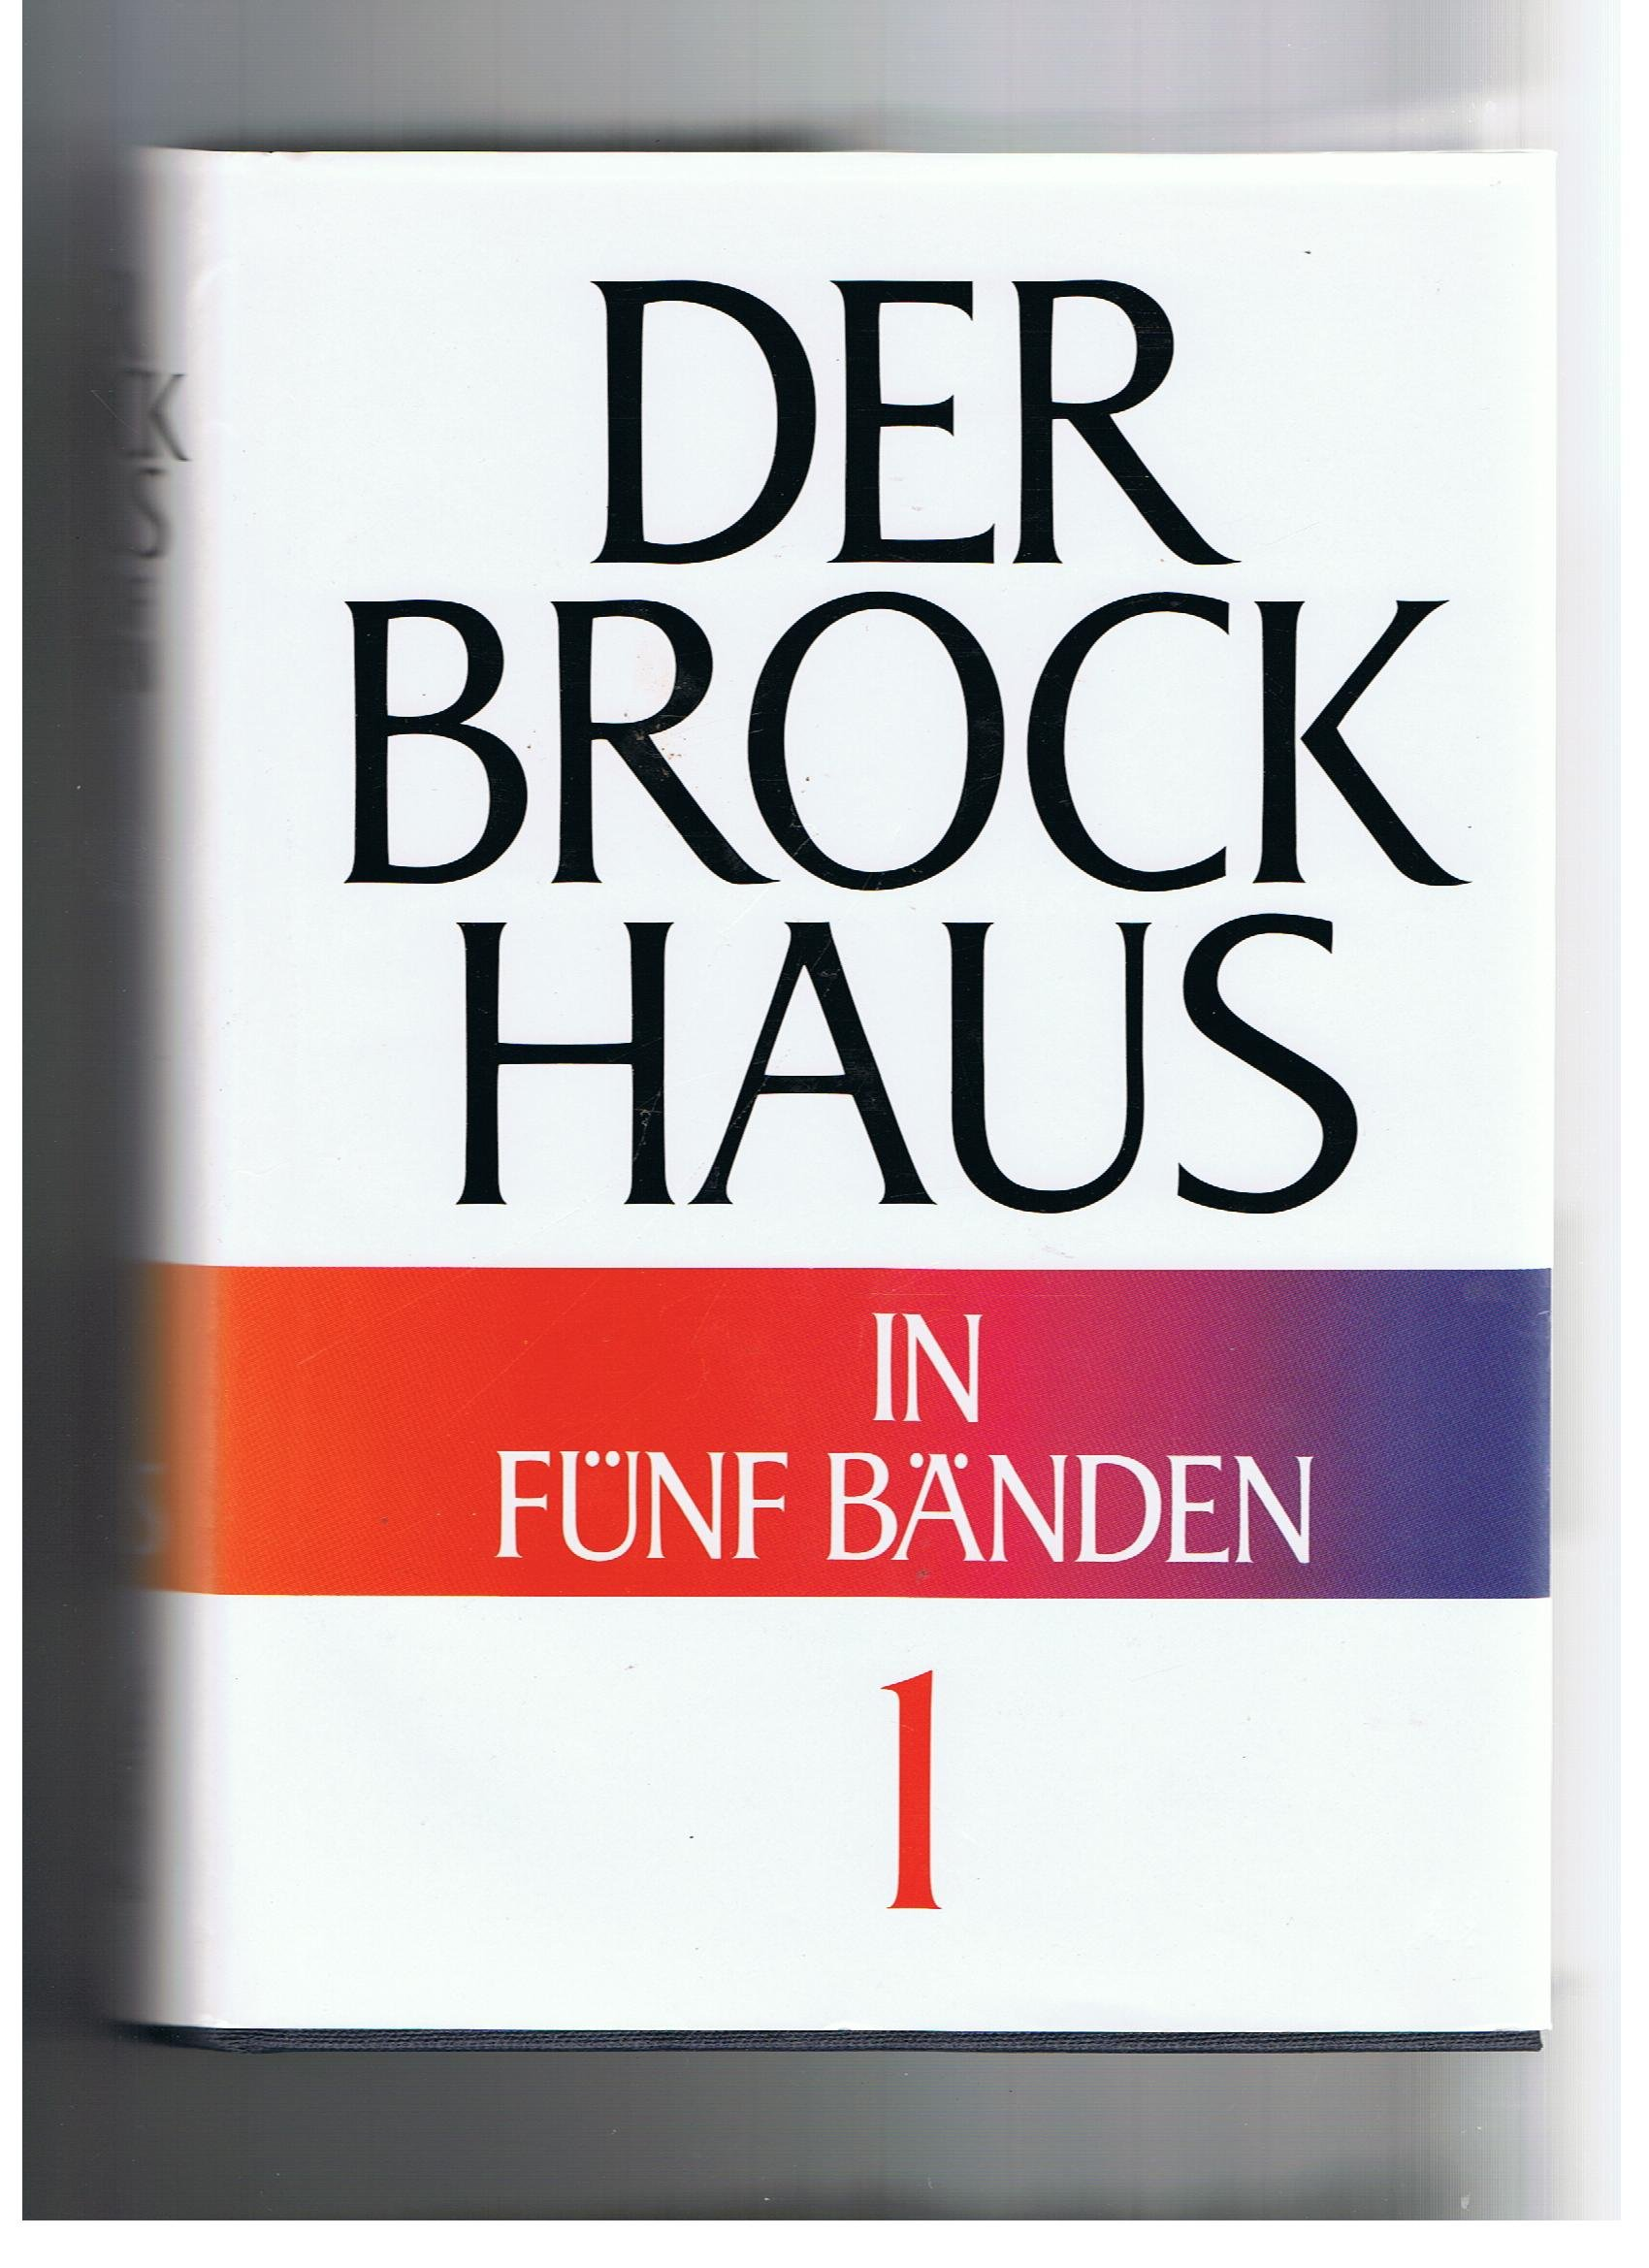 Der Brockhaus in fünf Bänden